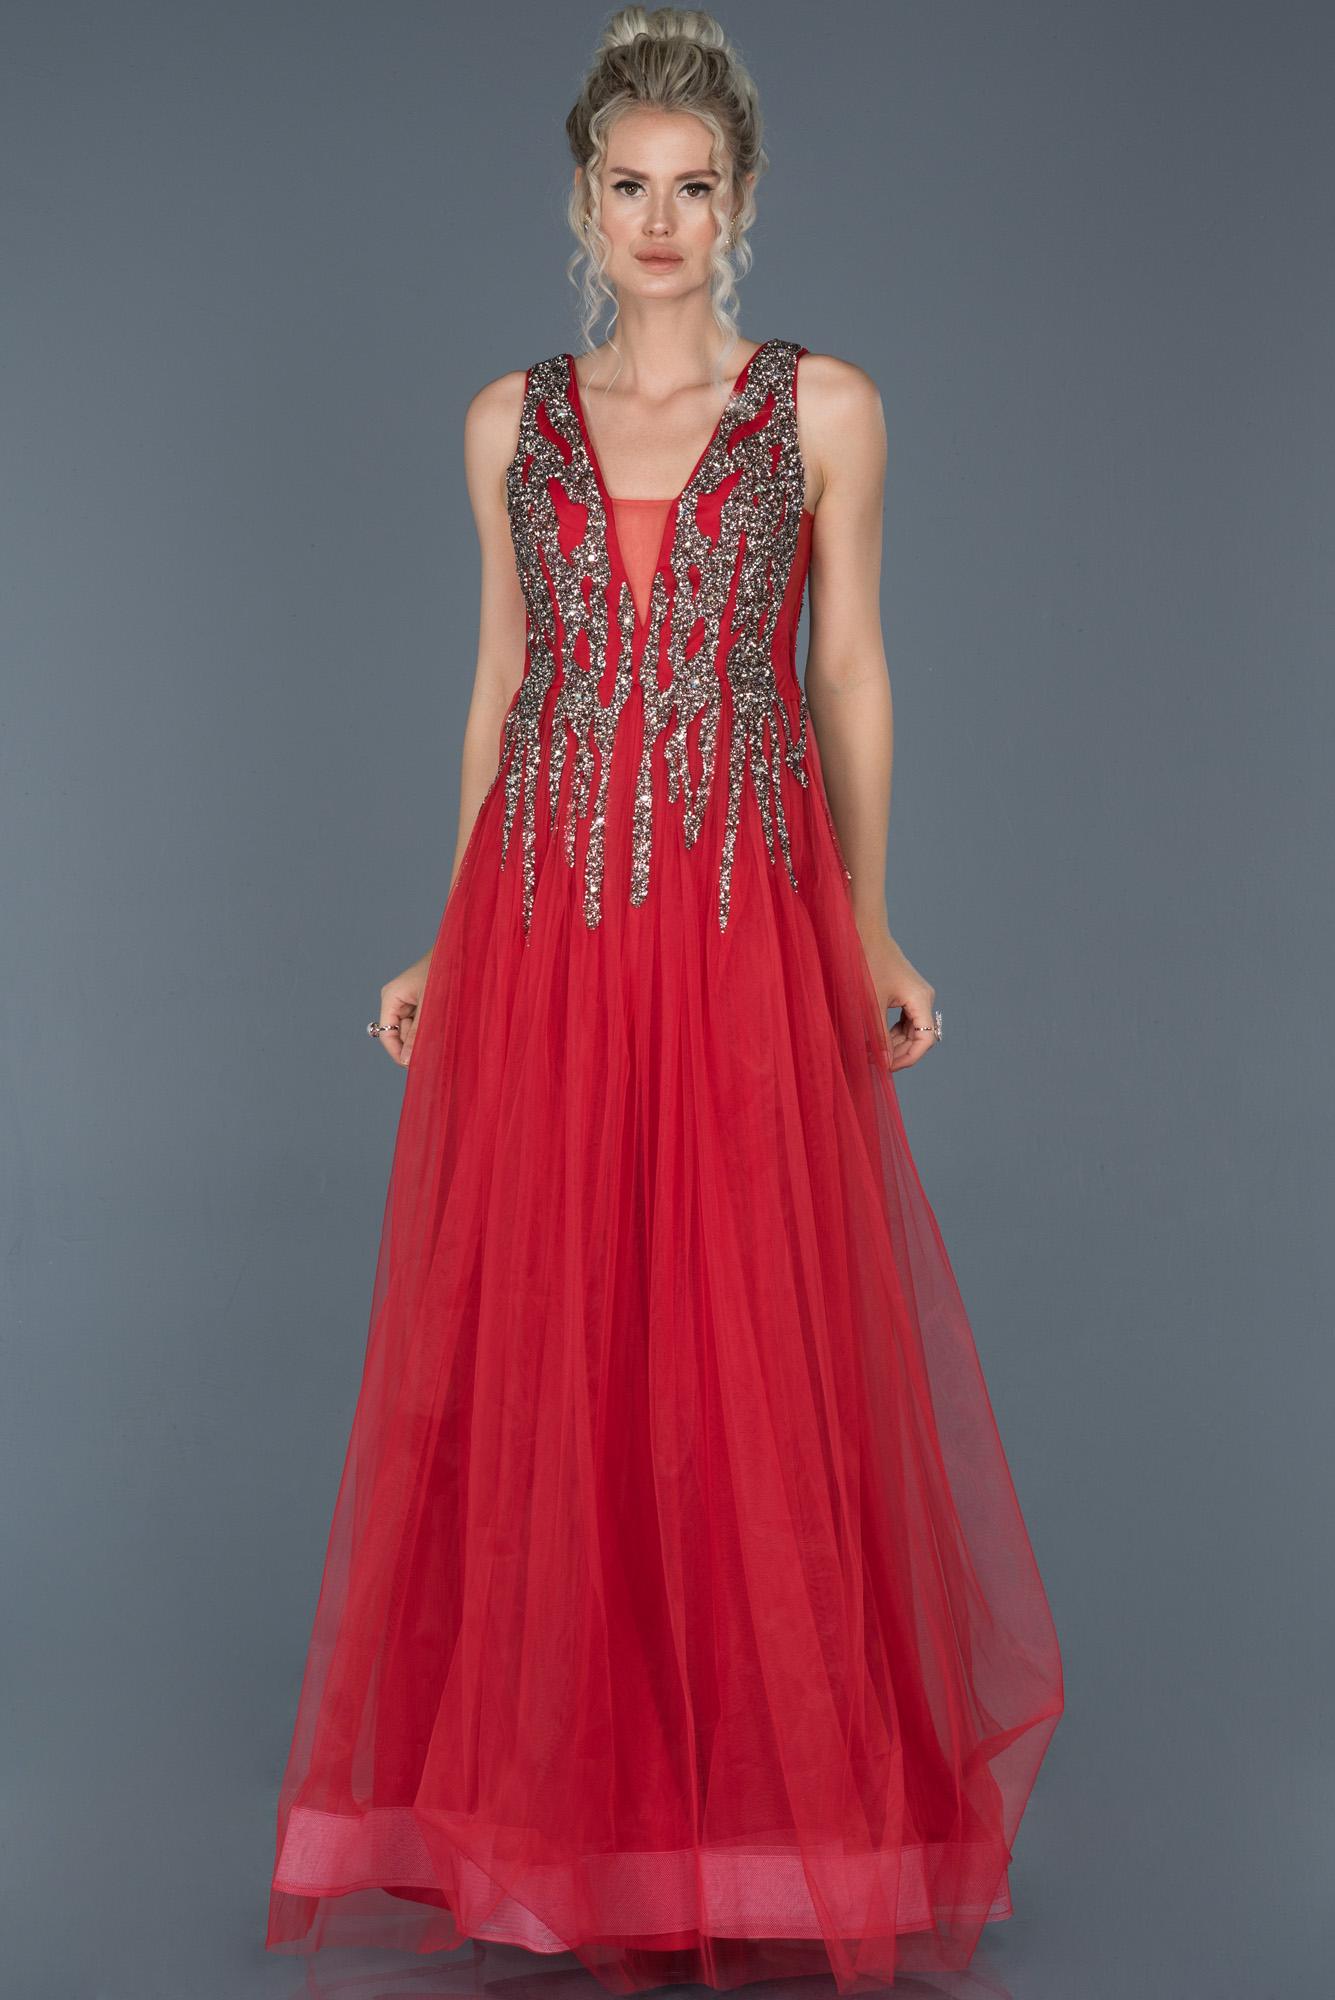 Kırmızı Uzun Taş Işlemeli Abiye Elbise